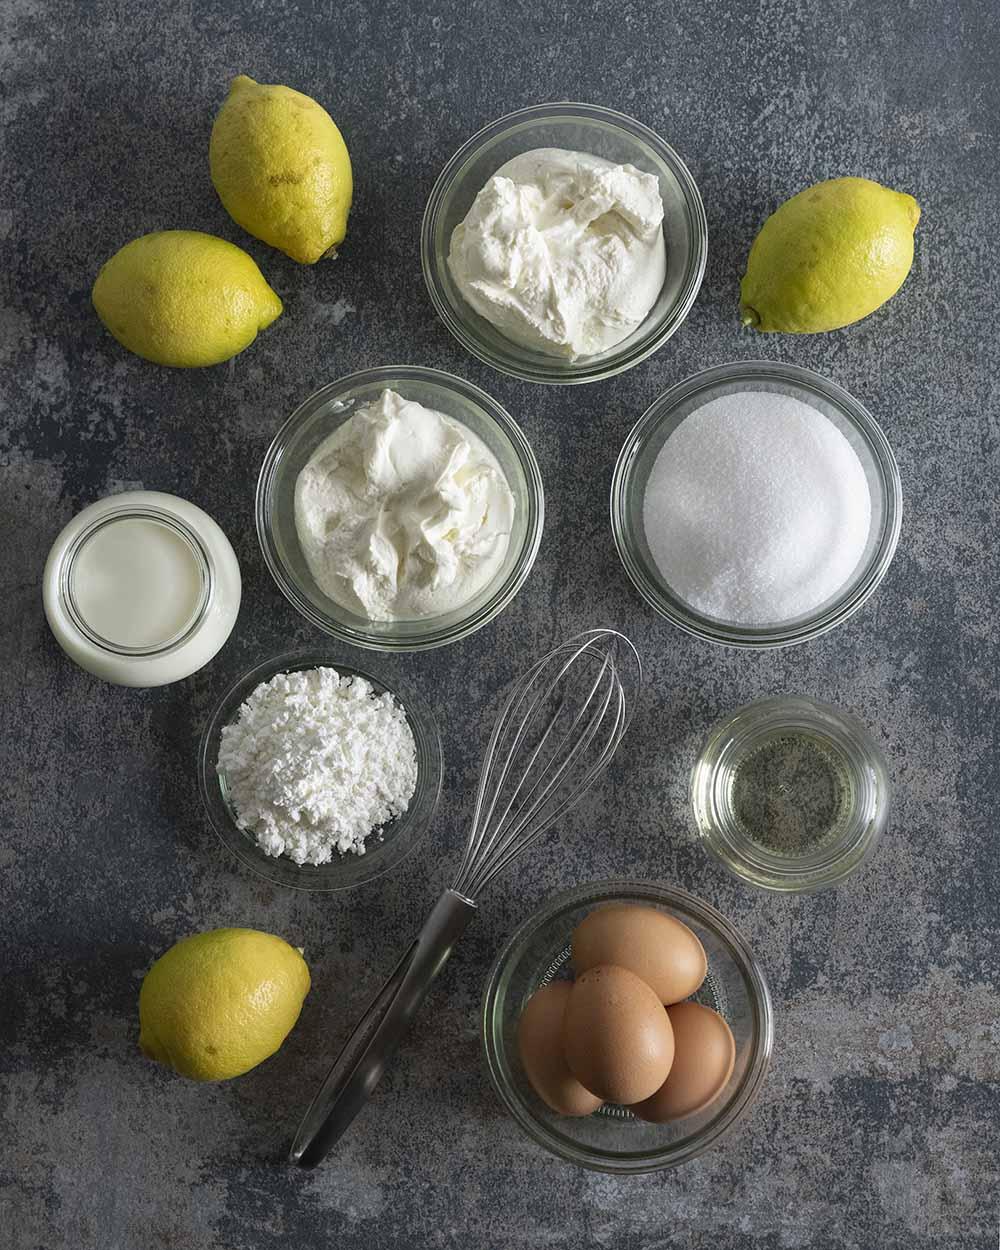 Die Zutaten für unsere Käsecreme von oben fotografiert